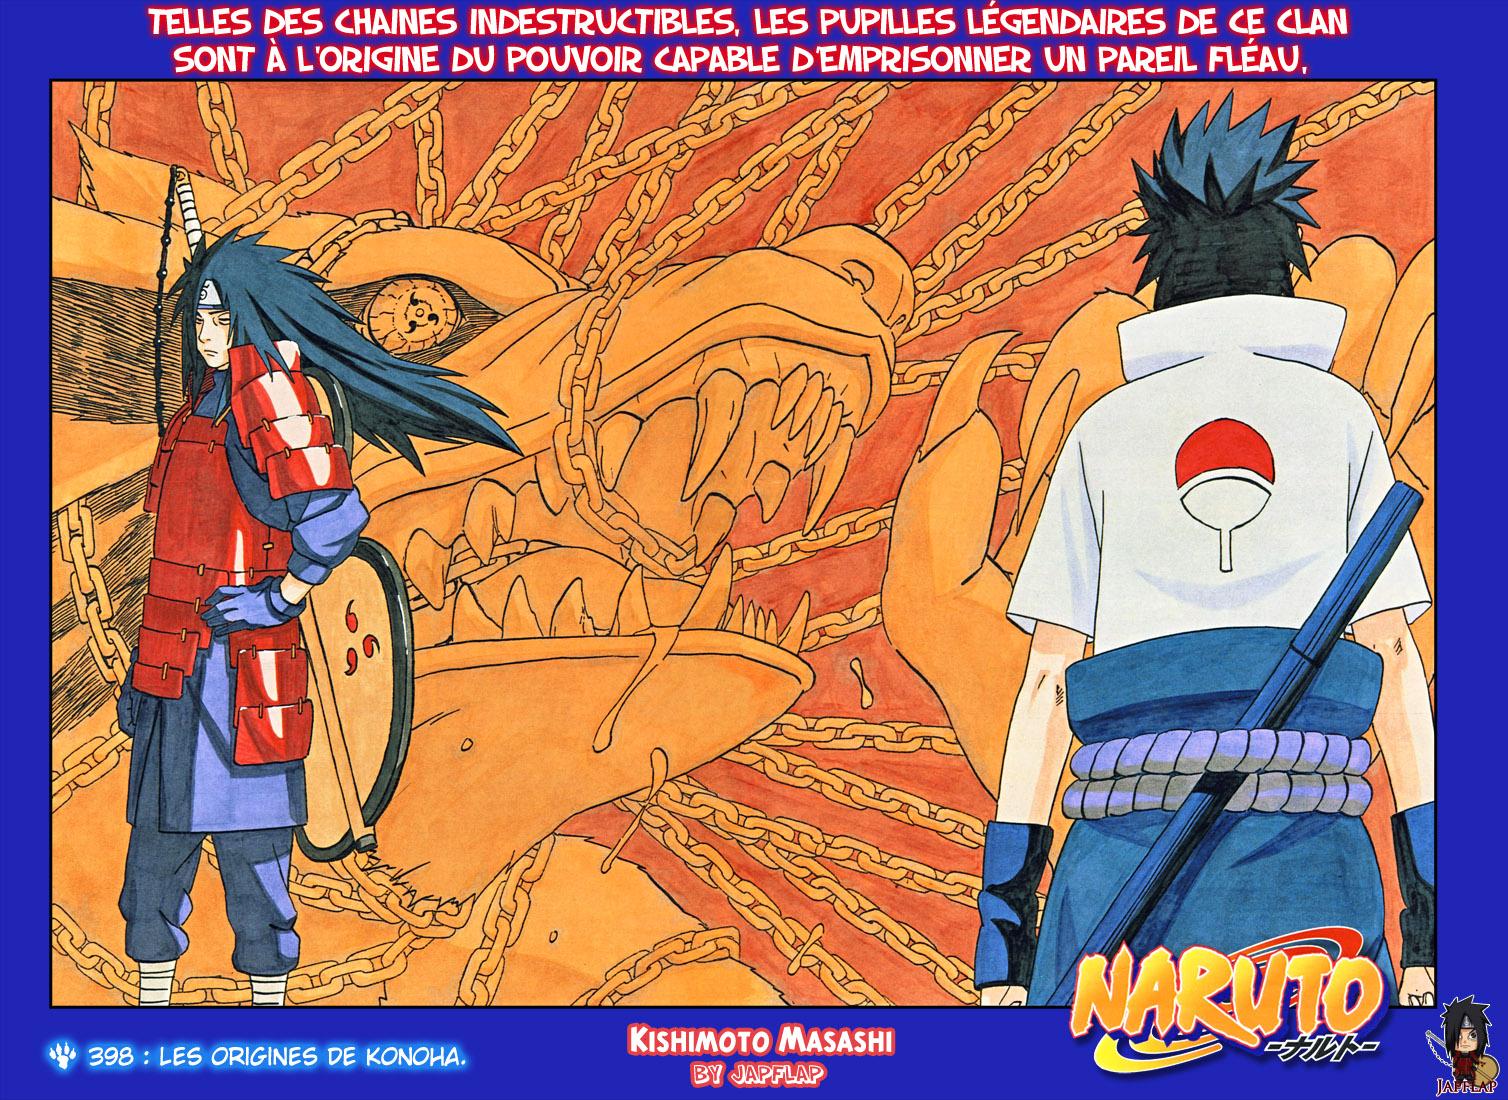 Naruto chapitre 398 - Page 1